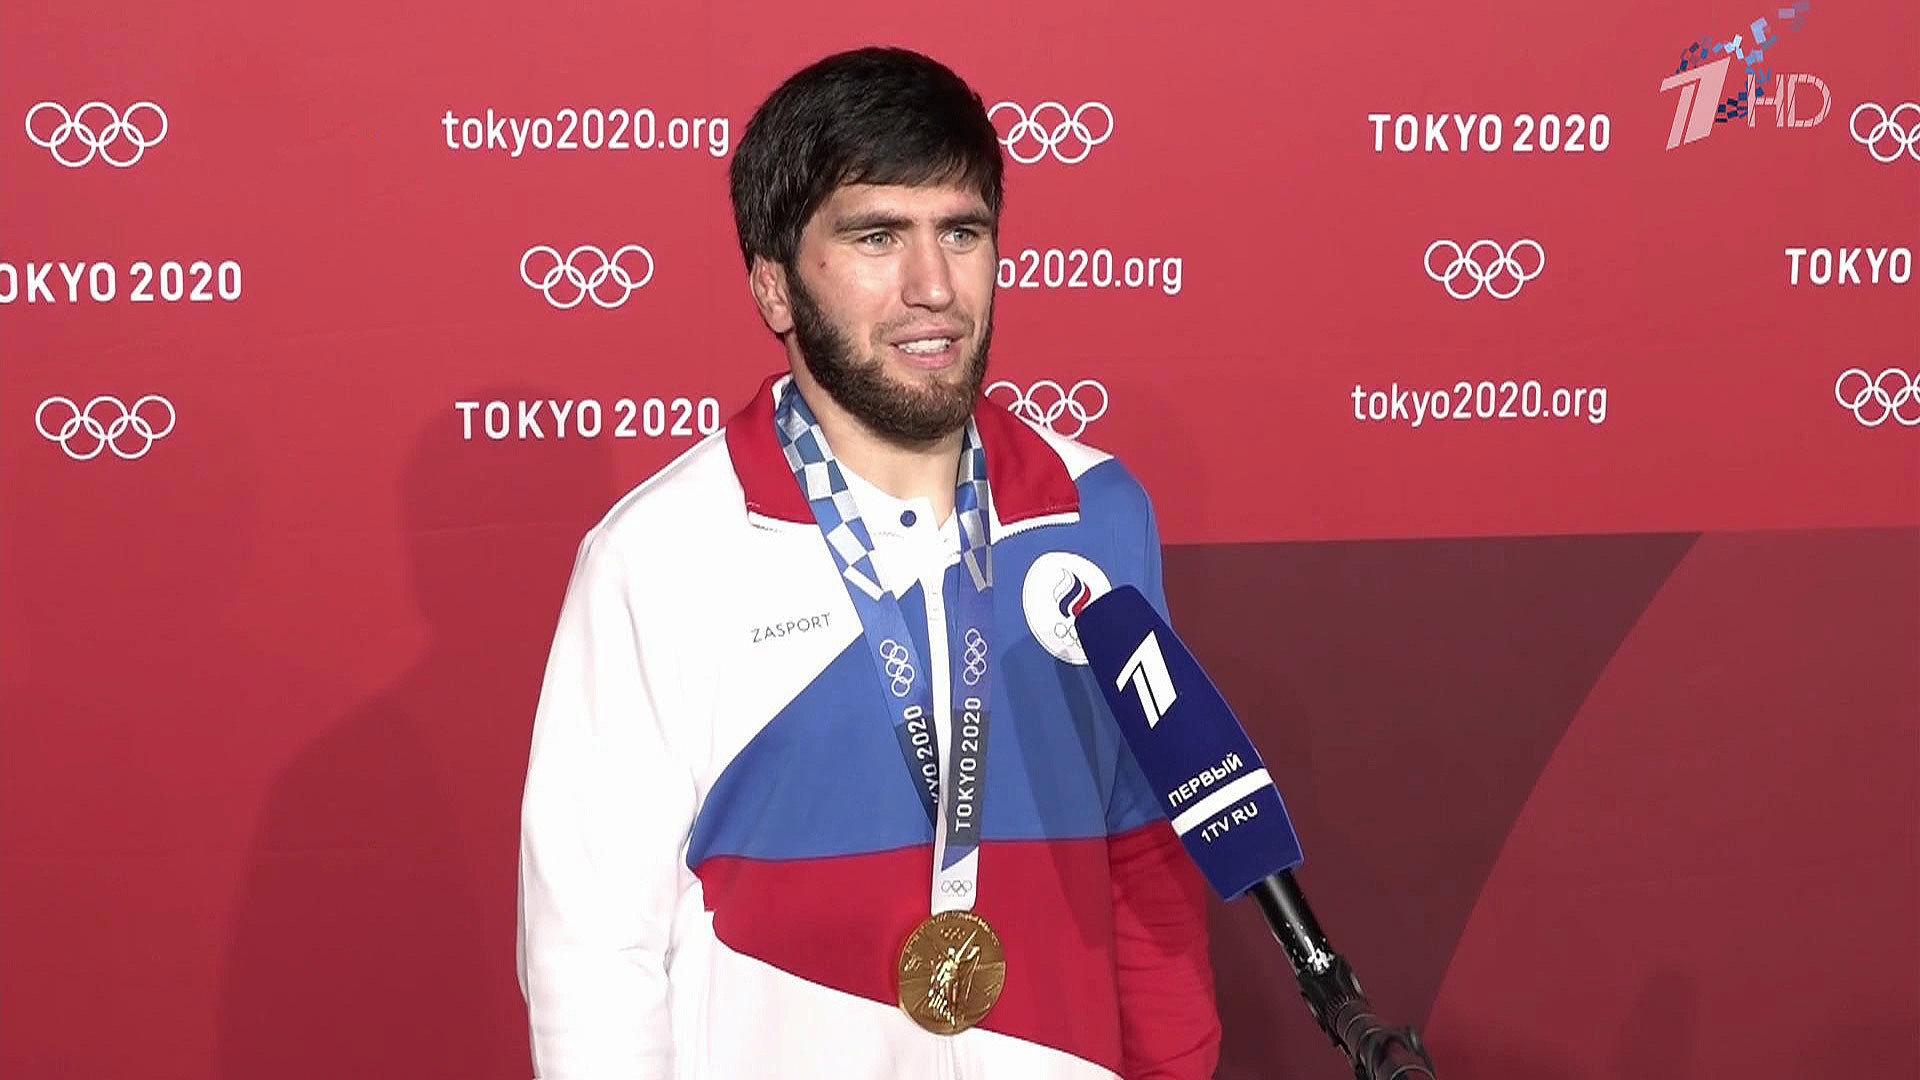 Новый соревновательный день налетних Играх вТокио принес нашей команде две золотые медали